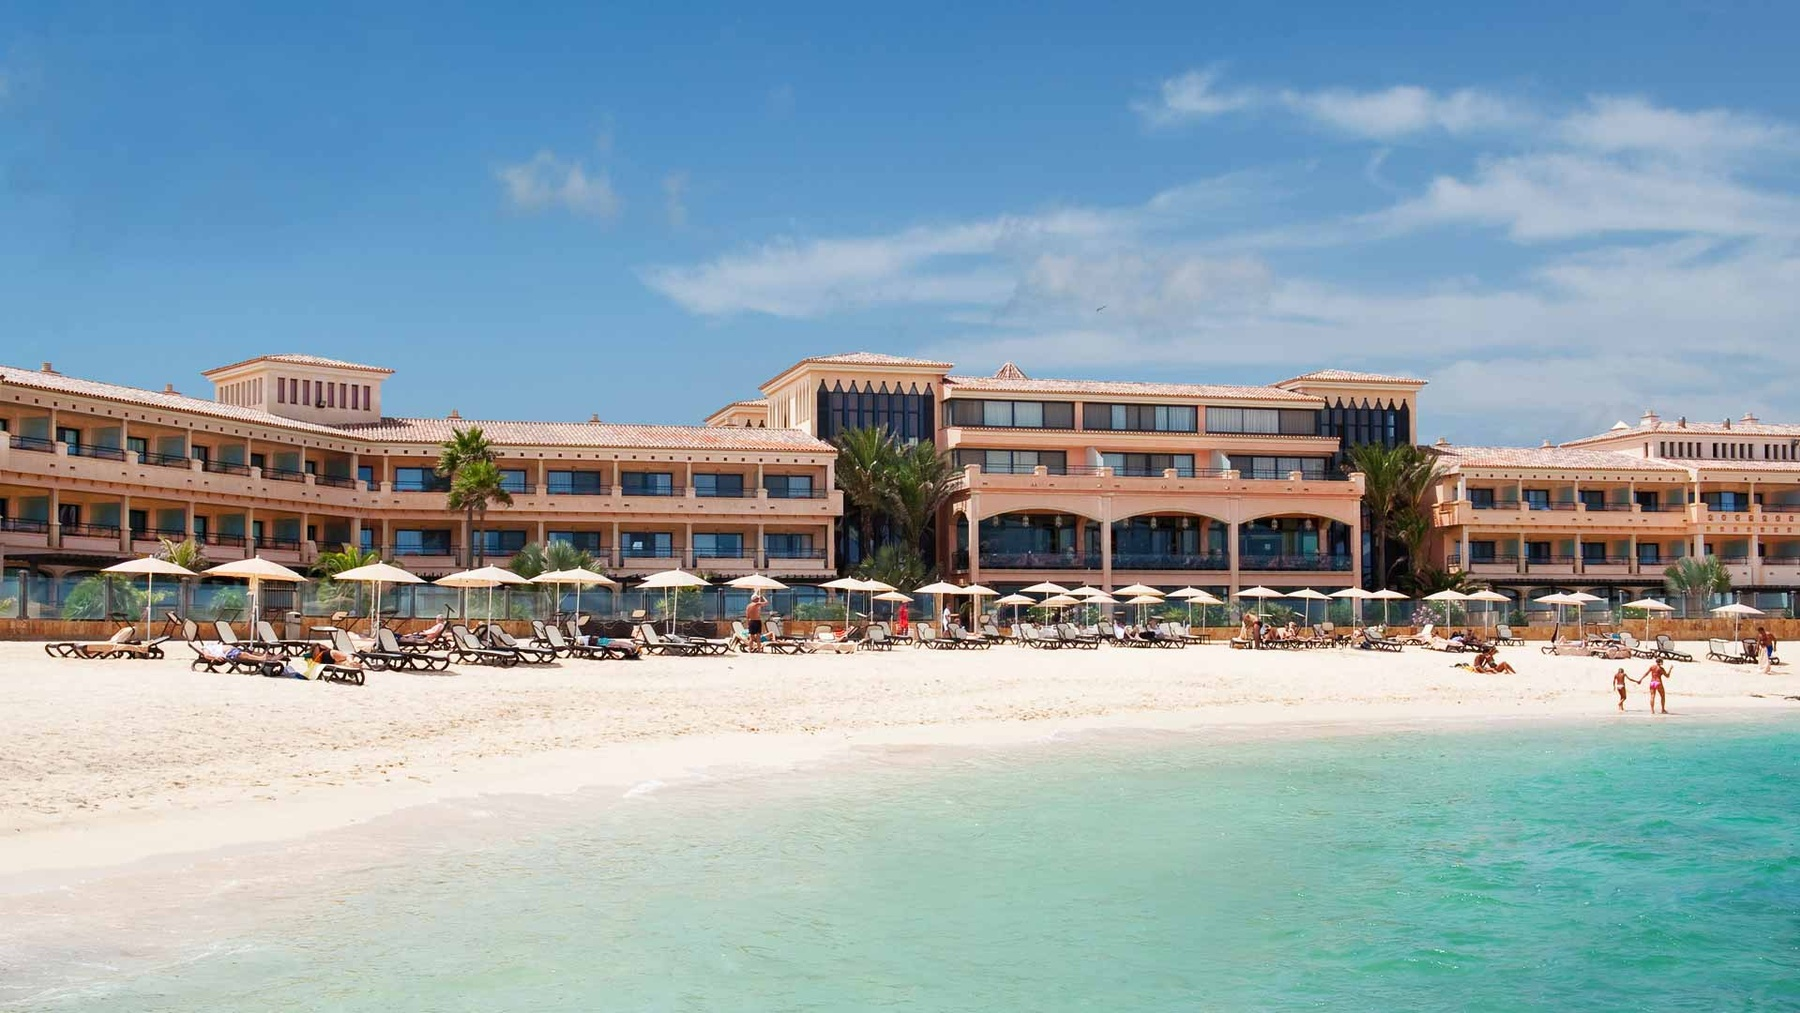 Coco Bahía Lounge & Club | Gran Hotel Atlantis Bahía Real